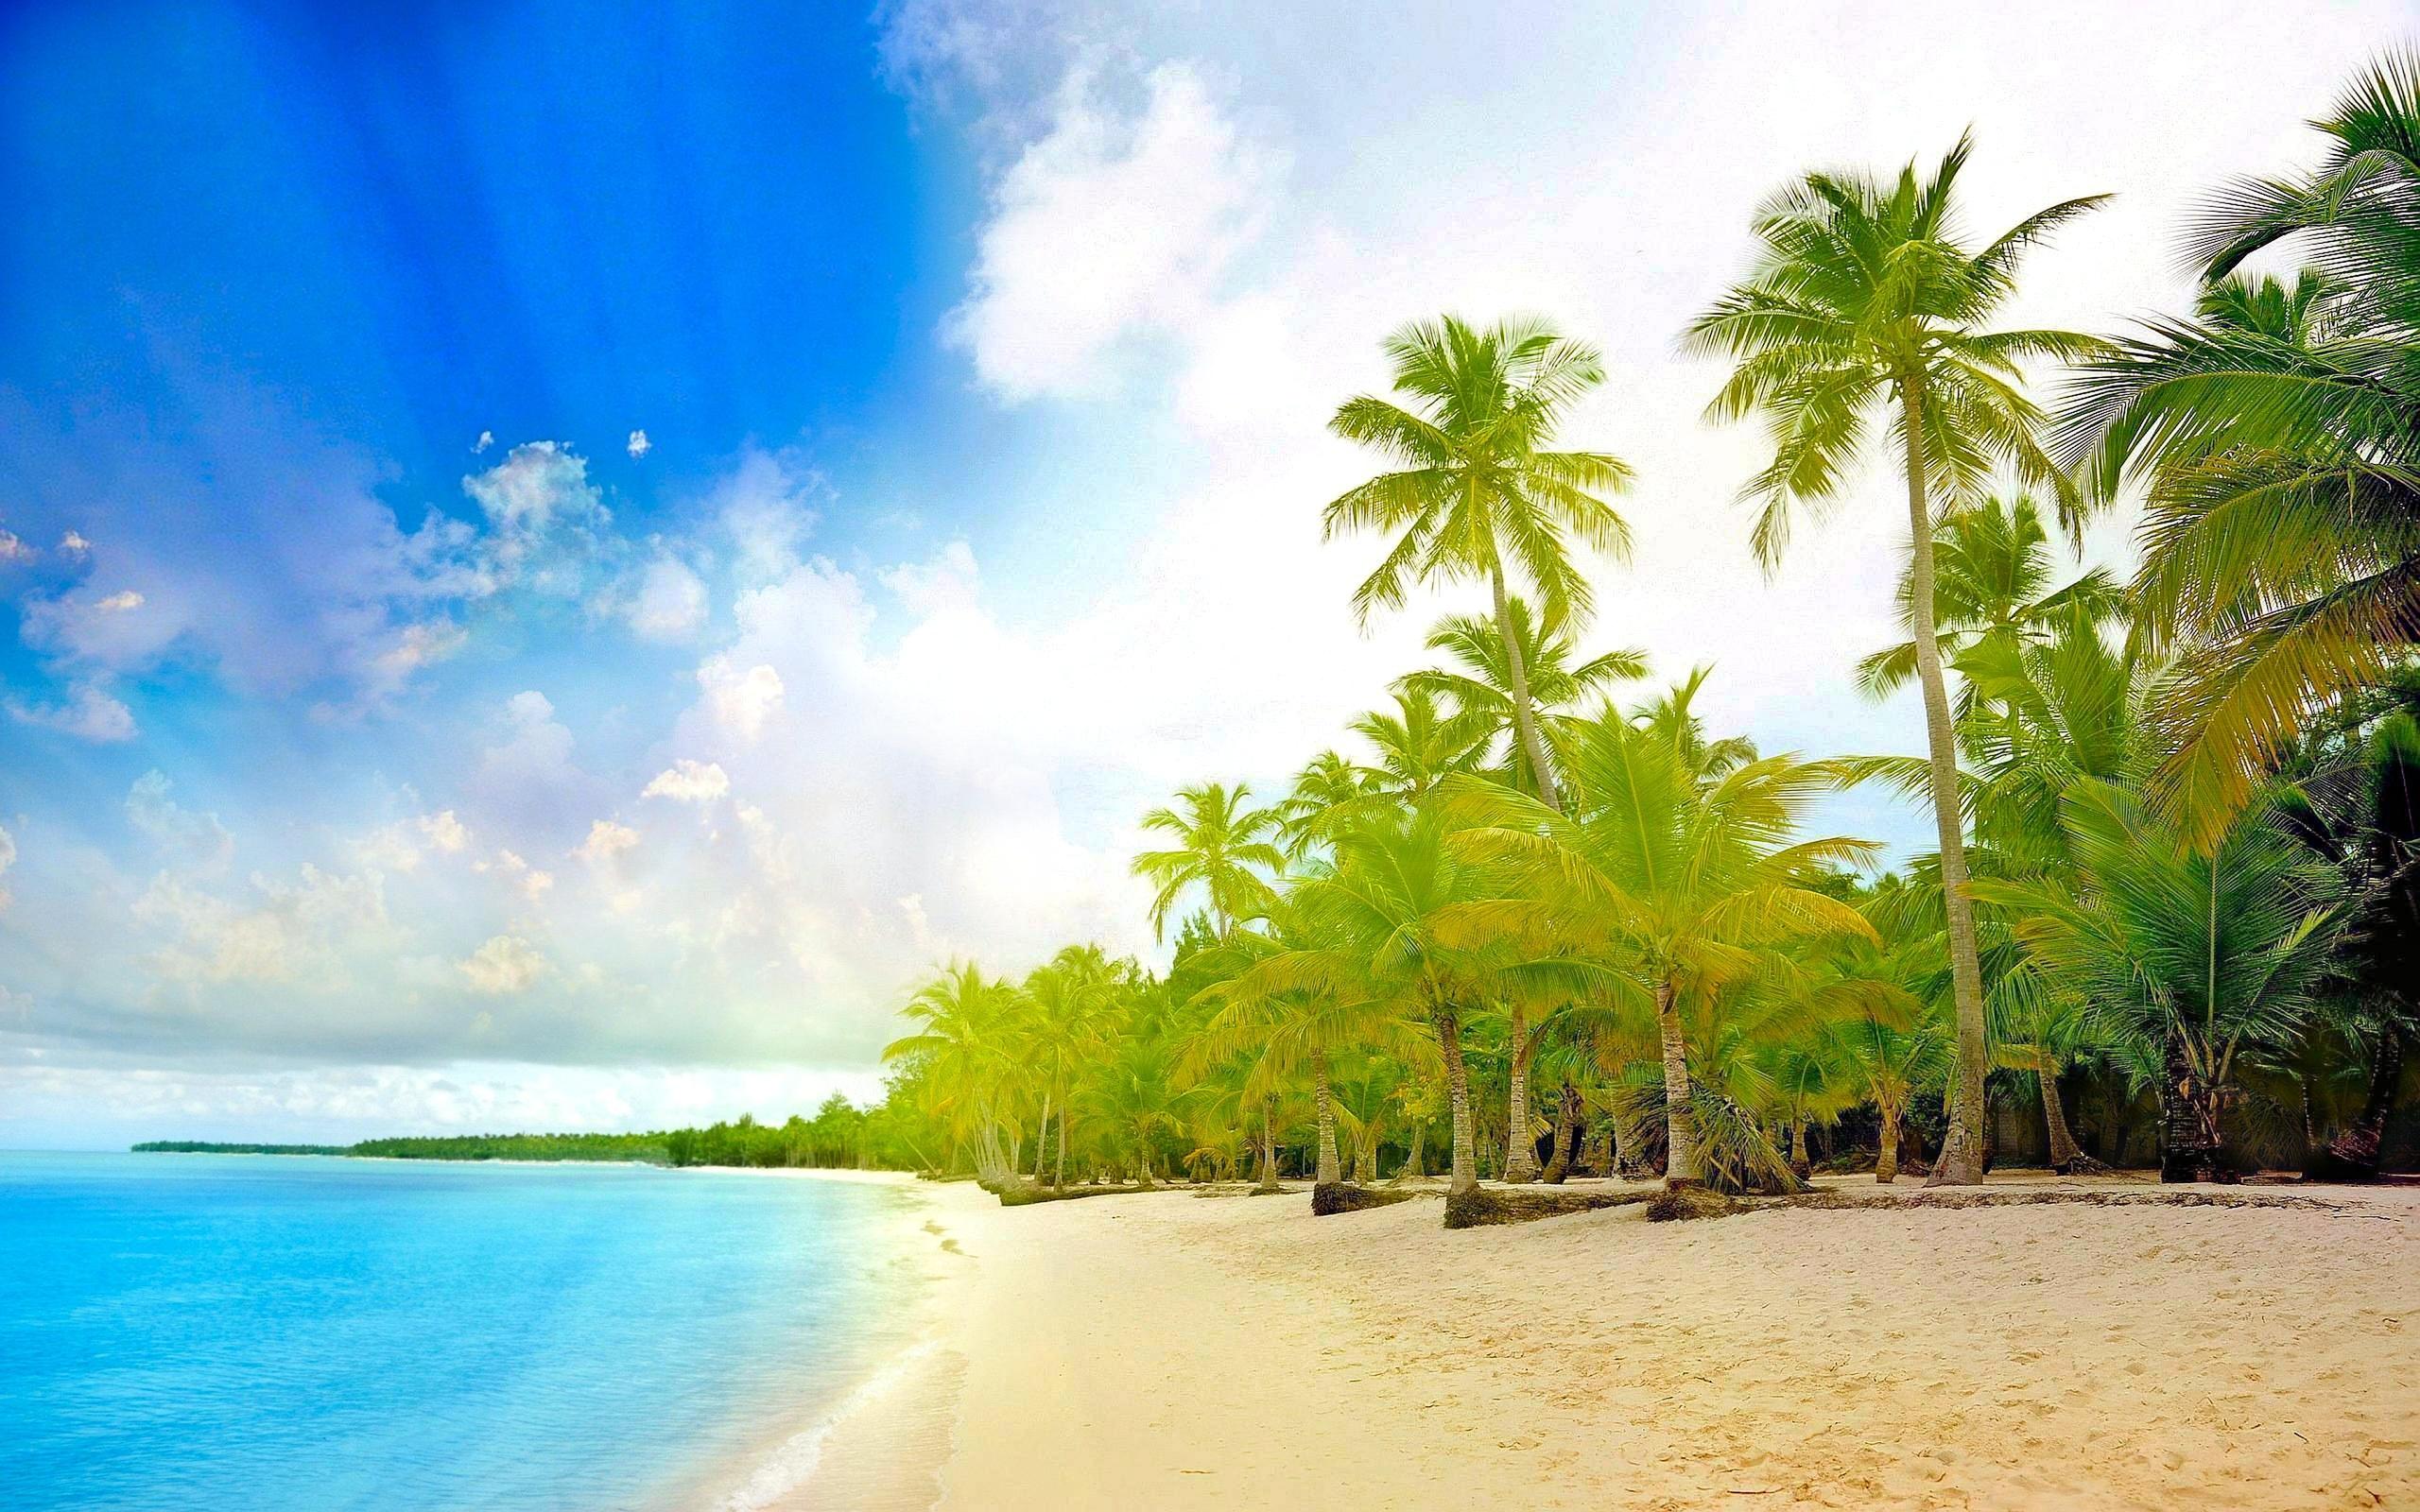 Картинки на рабочий стол красивые море пальмы